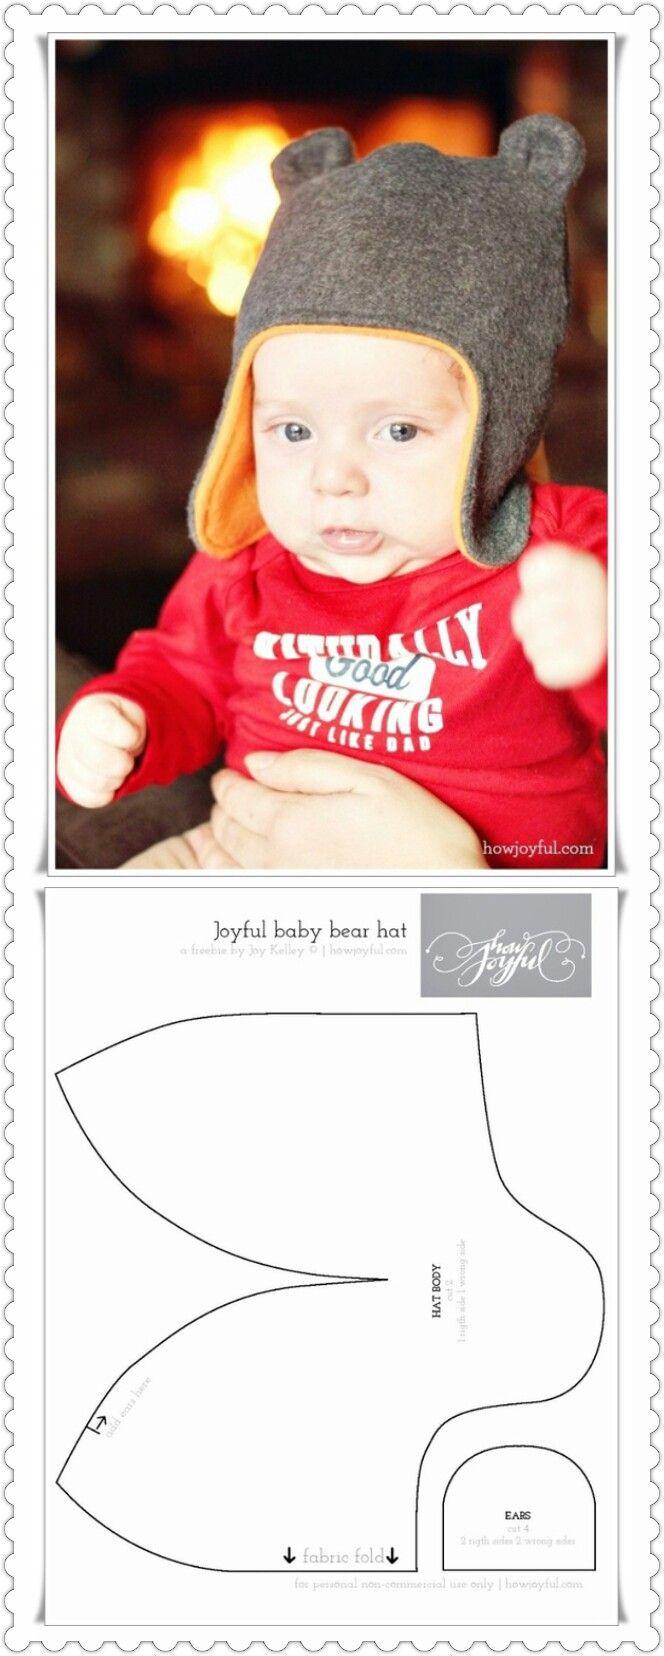 Pin de nubia del en ropa para isaí | Pinterest | Gorros, Bebé y Costura